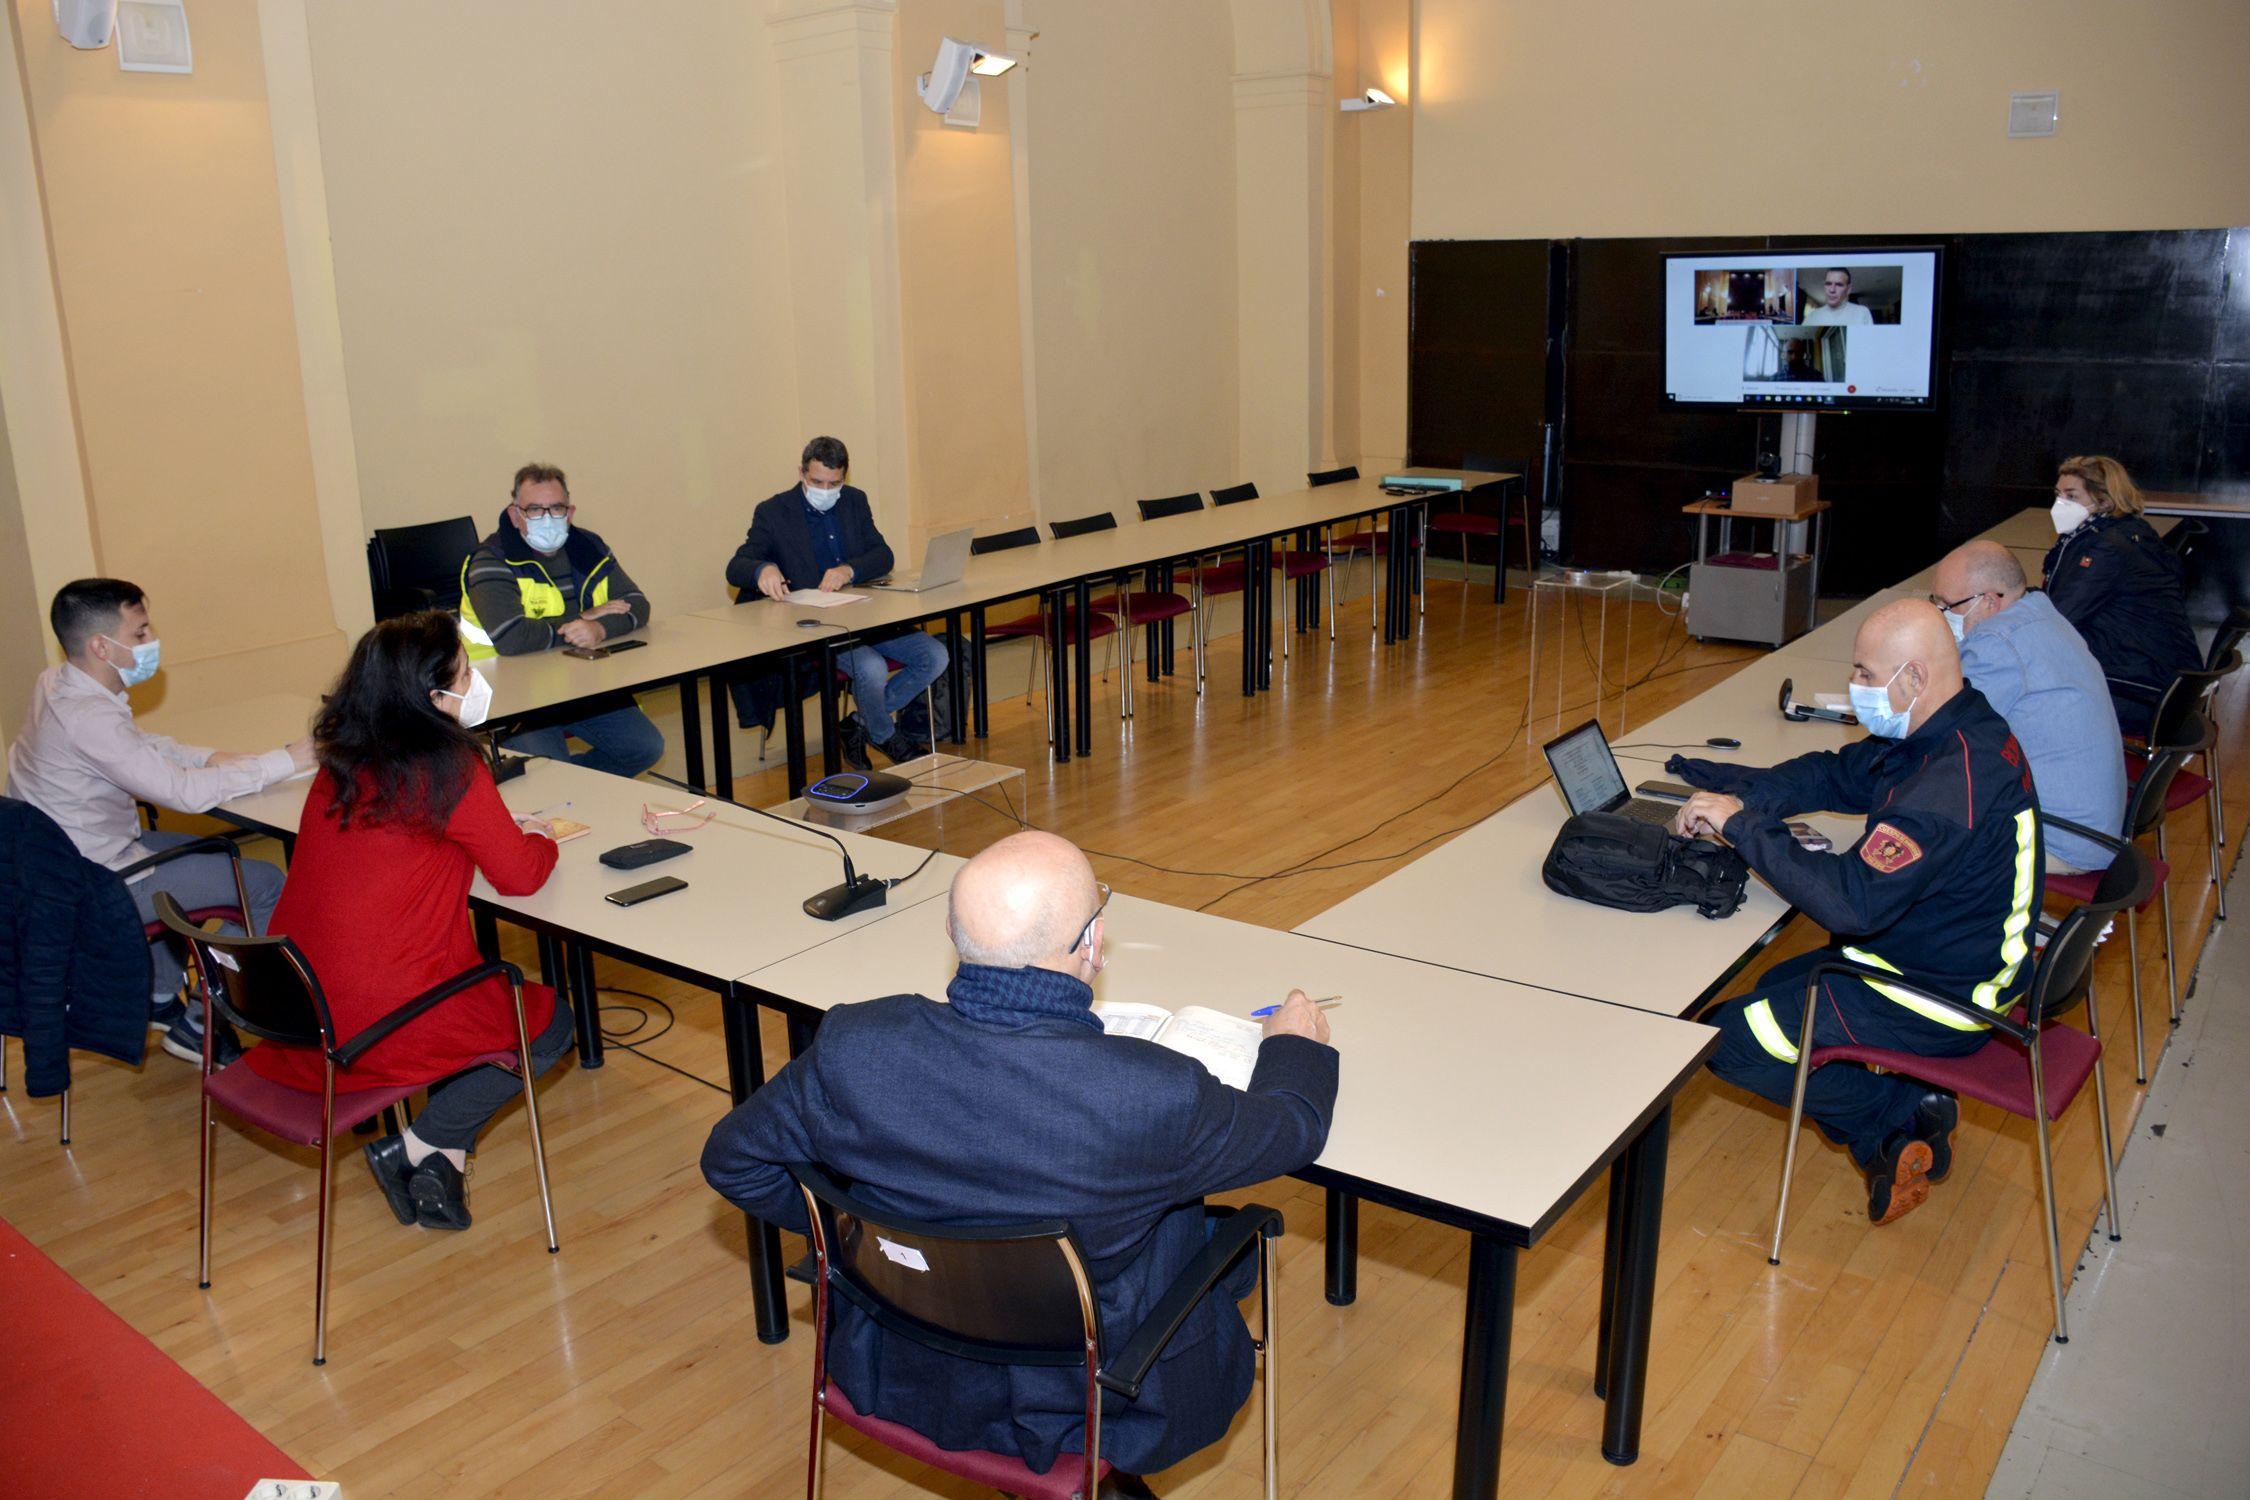 El Comité de Salud Laboral informa las medidas adoptadas para garantizar la seguridad frente a la Covid-19 en el Ayuntamiento